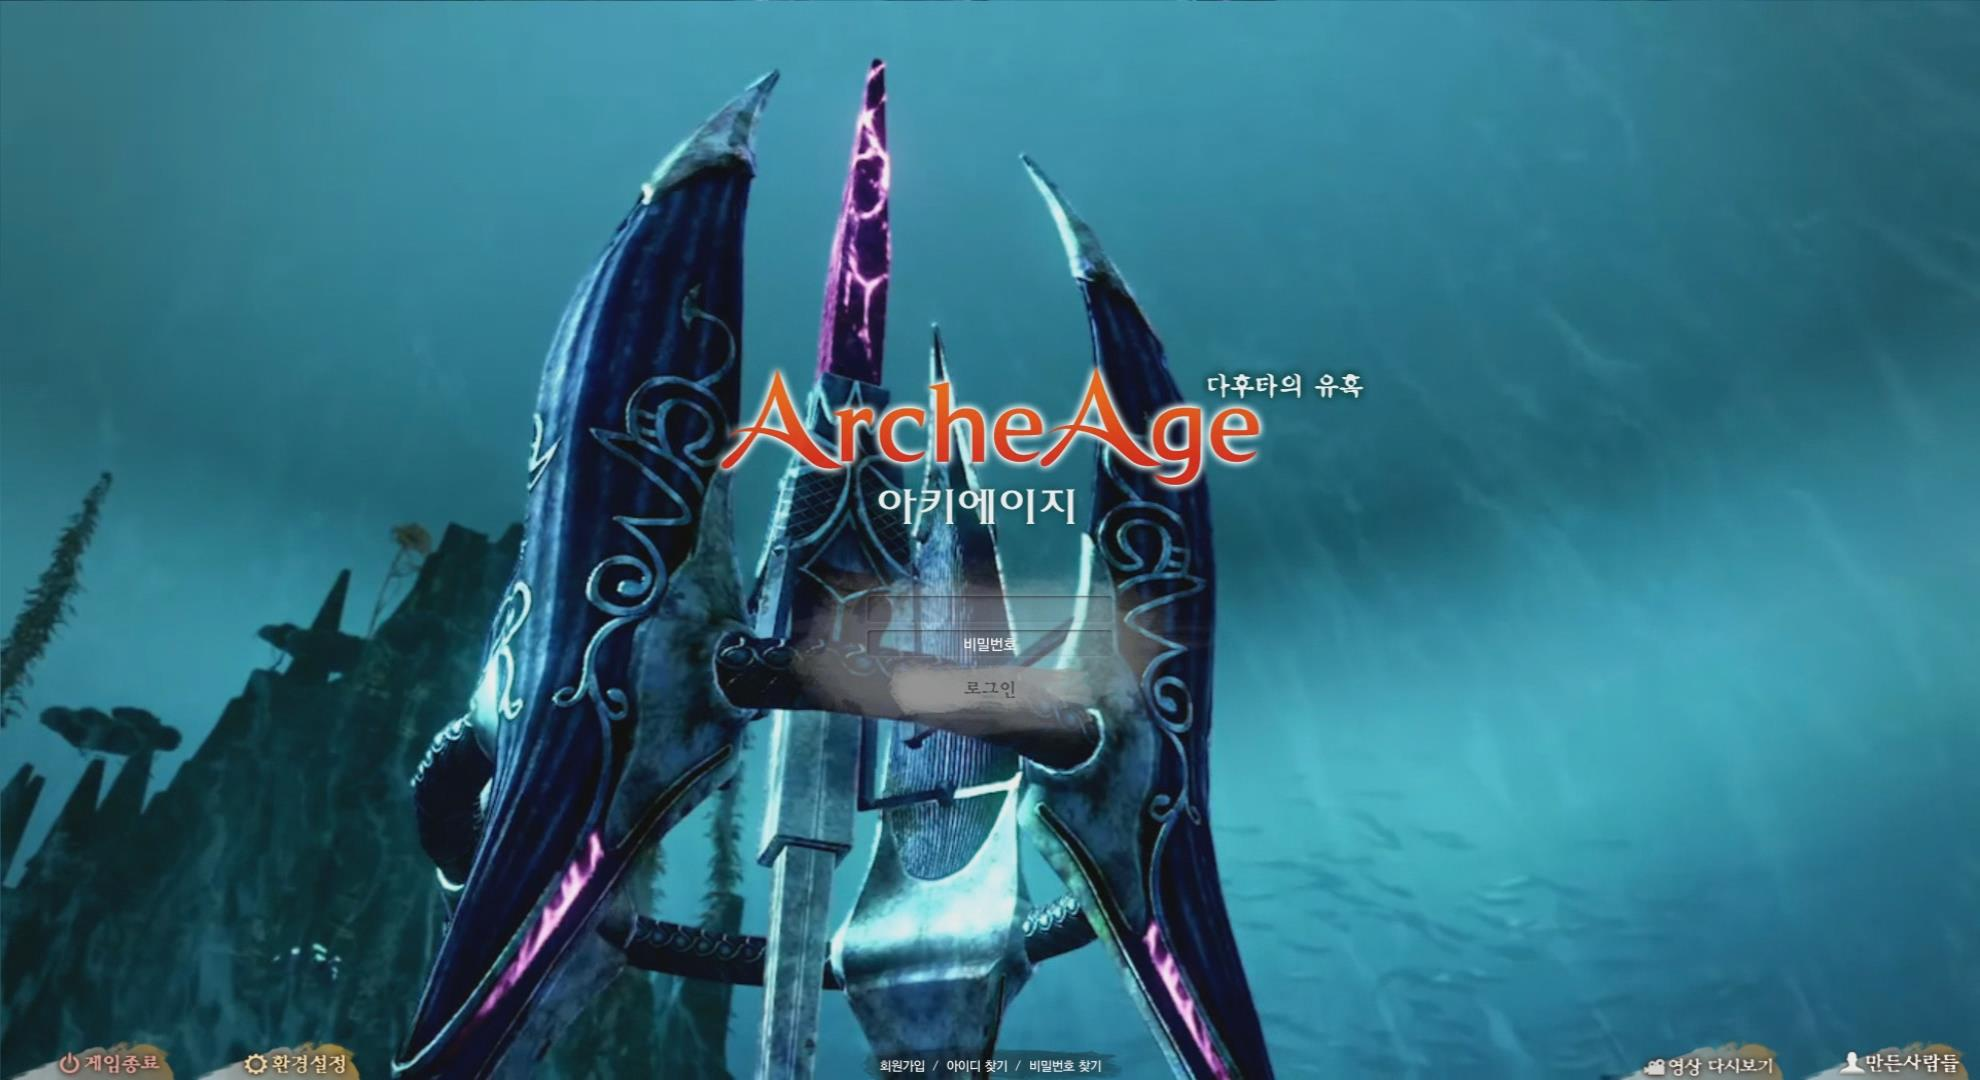 ArcheAge 2013-07-25 23-32-3201